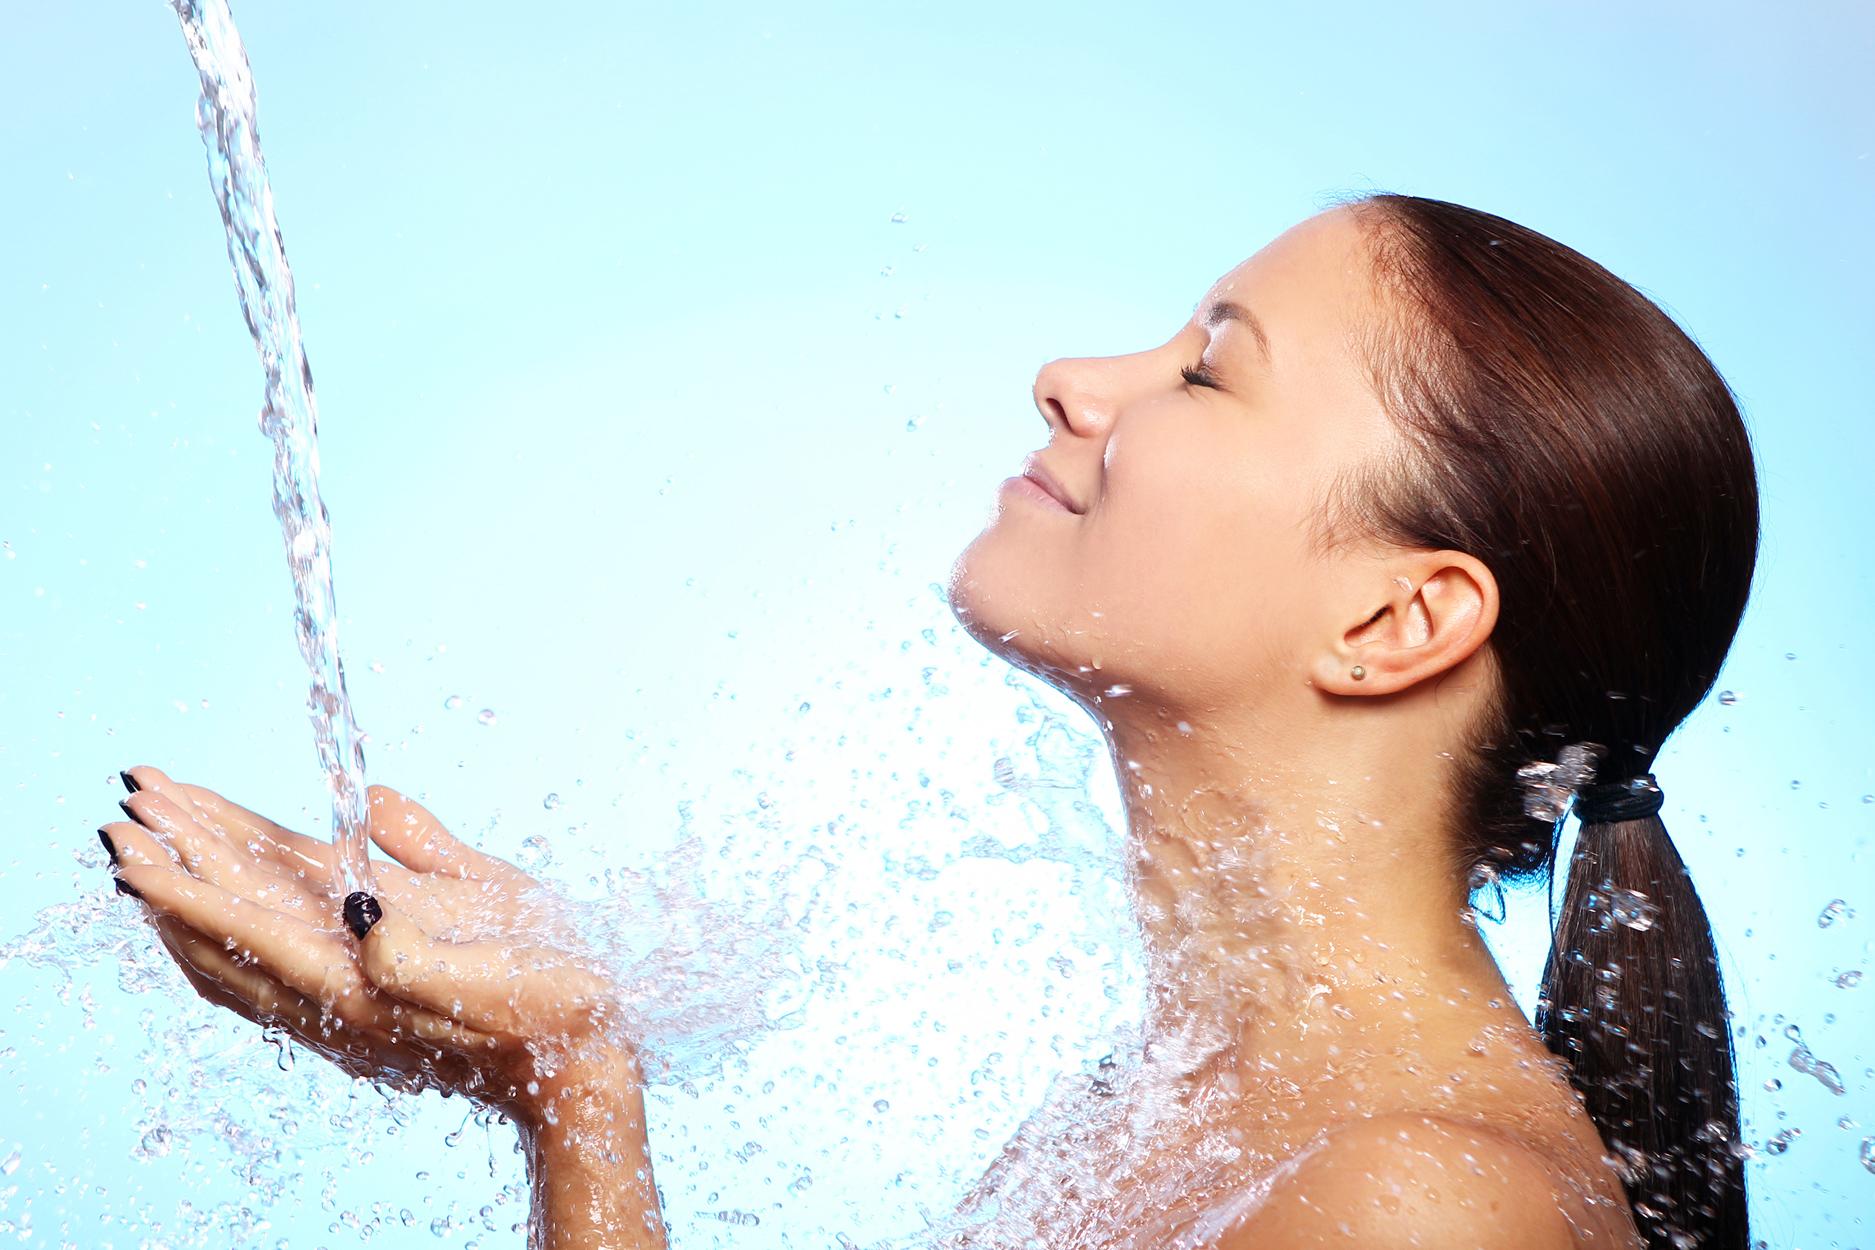 ¿Qué es lo que realmente necesita su piel? ¡Una buena dosis de hidratación!